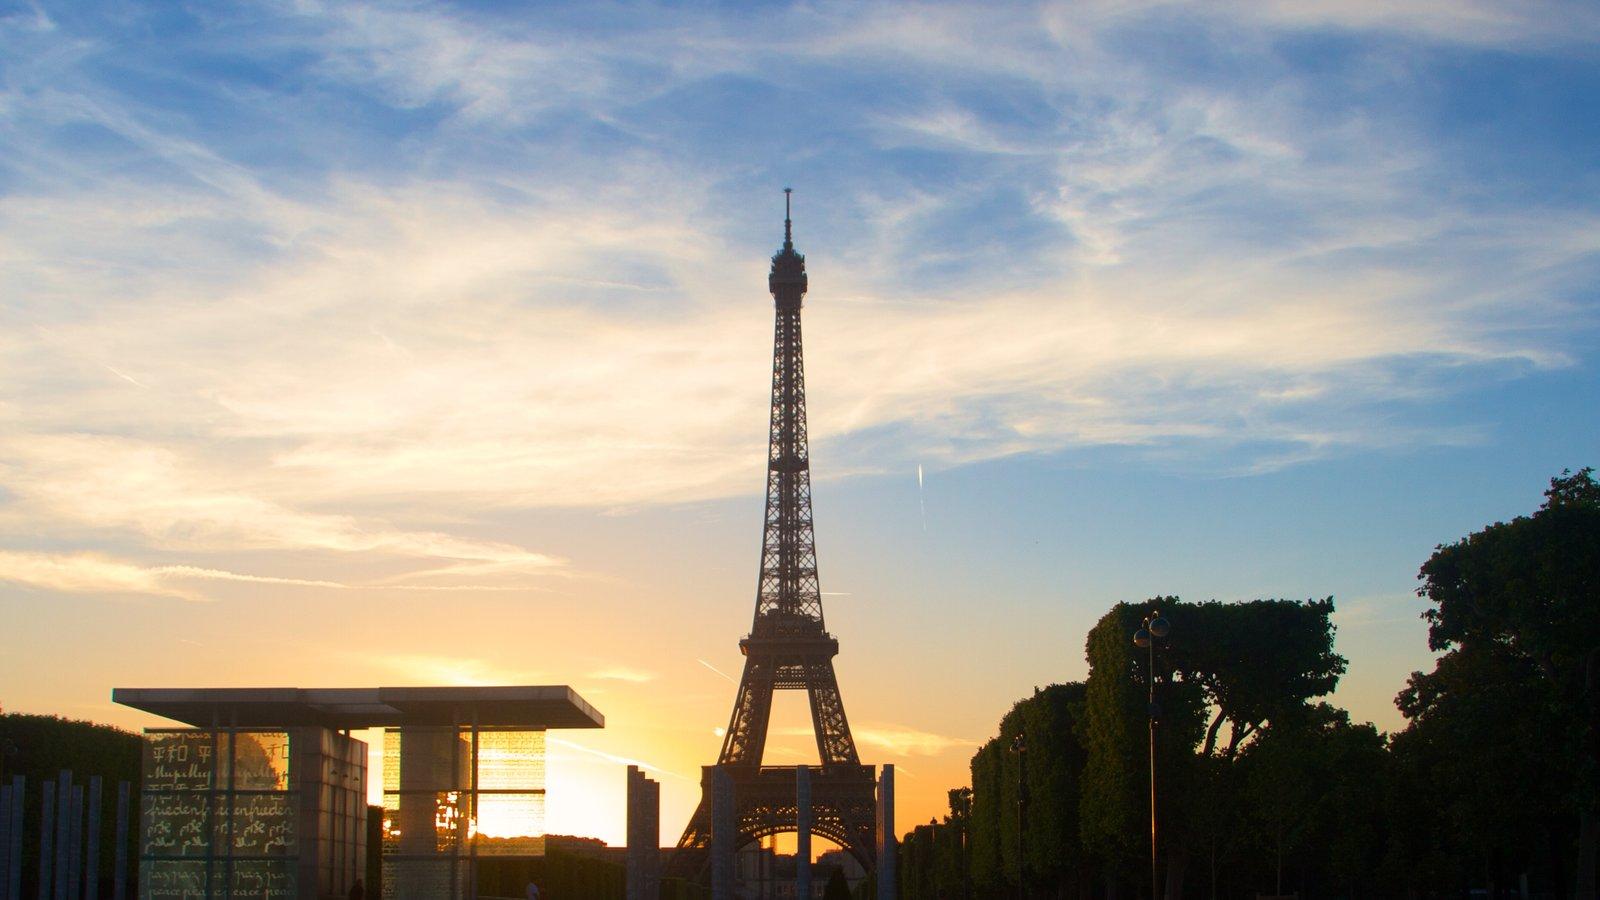 Torre Eiffel caracterizando um pôr do sol, elementos de patrimônio e um monumento